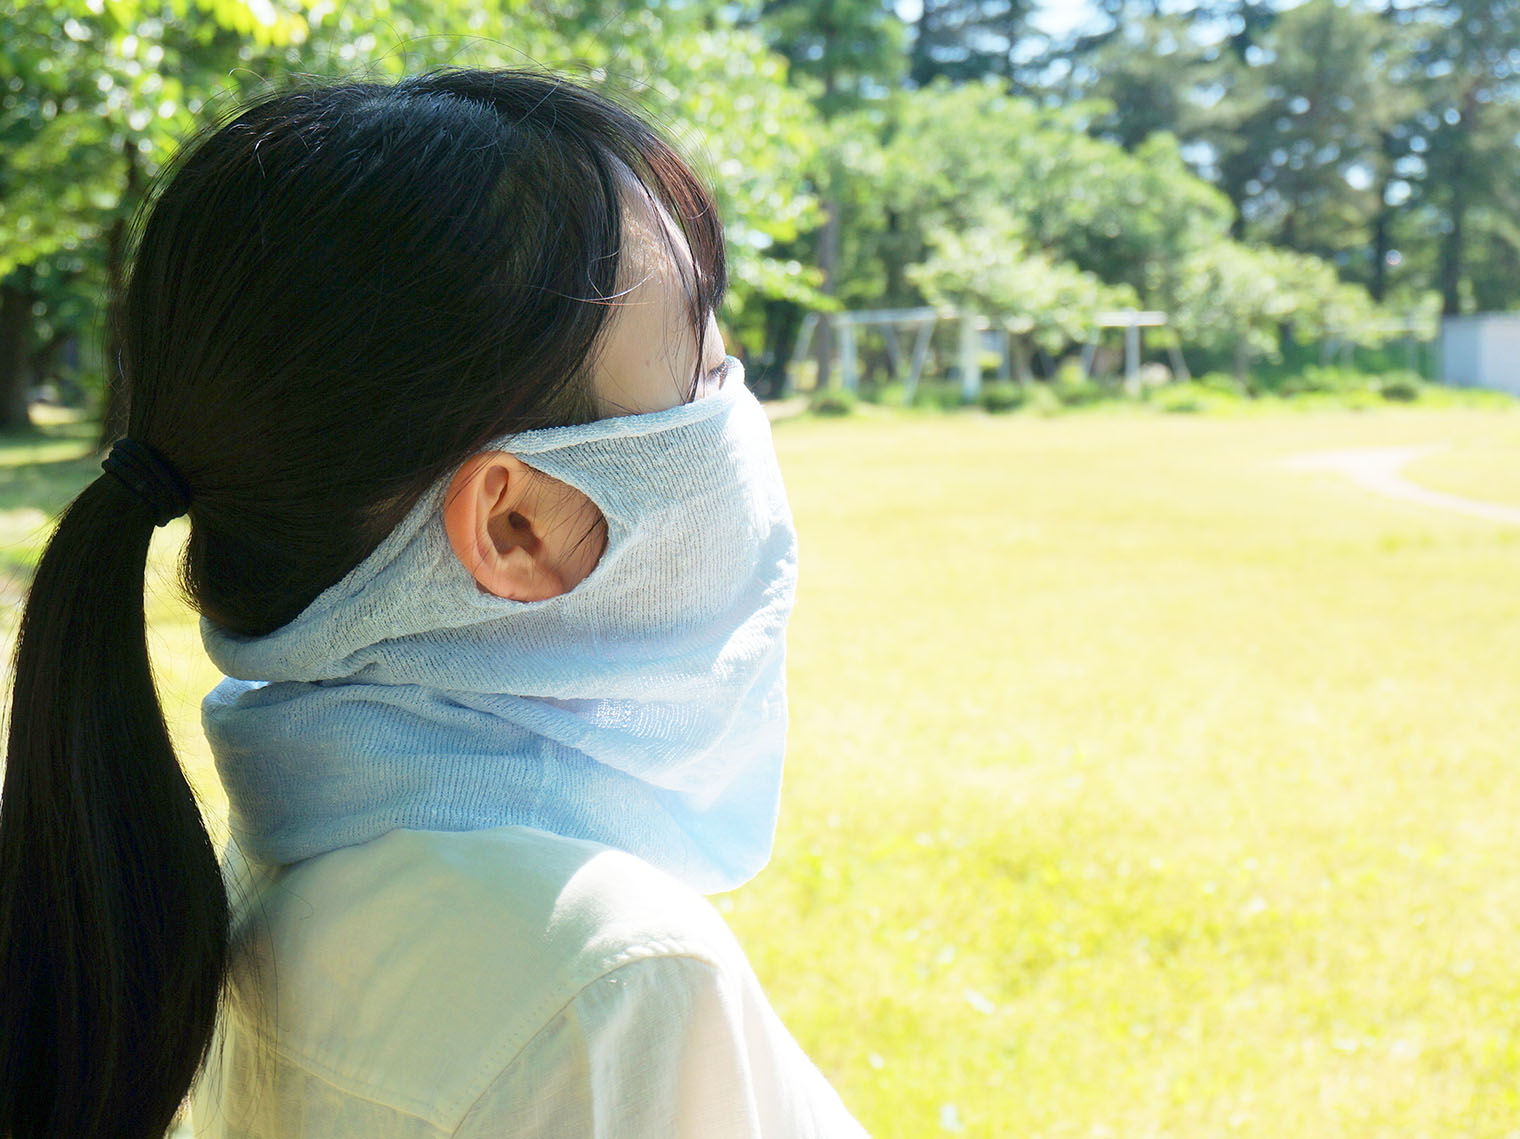 フェイスマスク かおをつつむ 呼吸しやすい 通気のよい 息苦しくない 綿レーヨンシルク